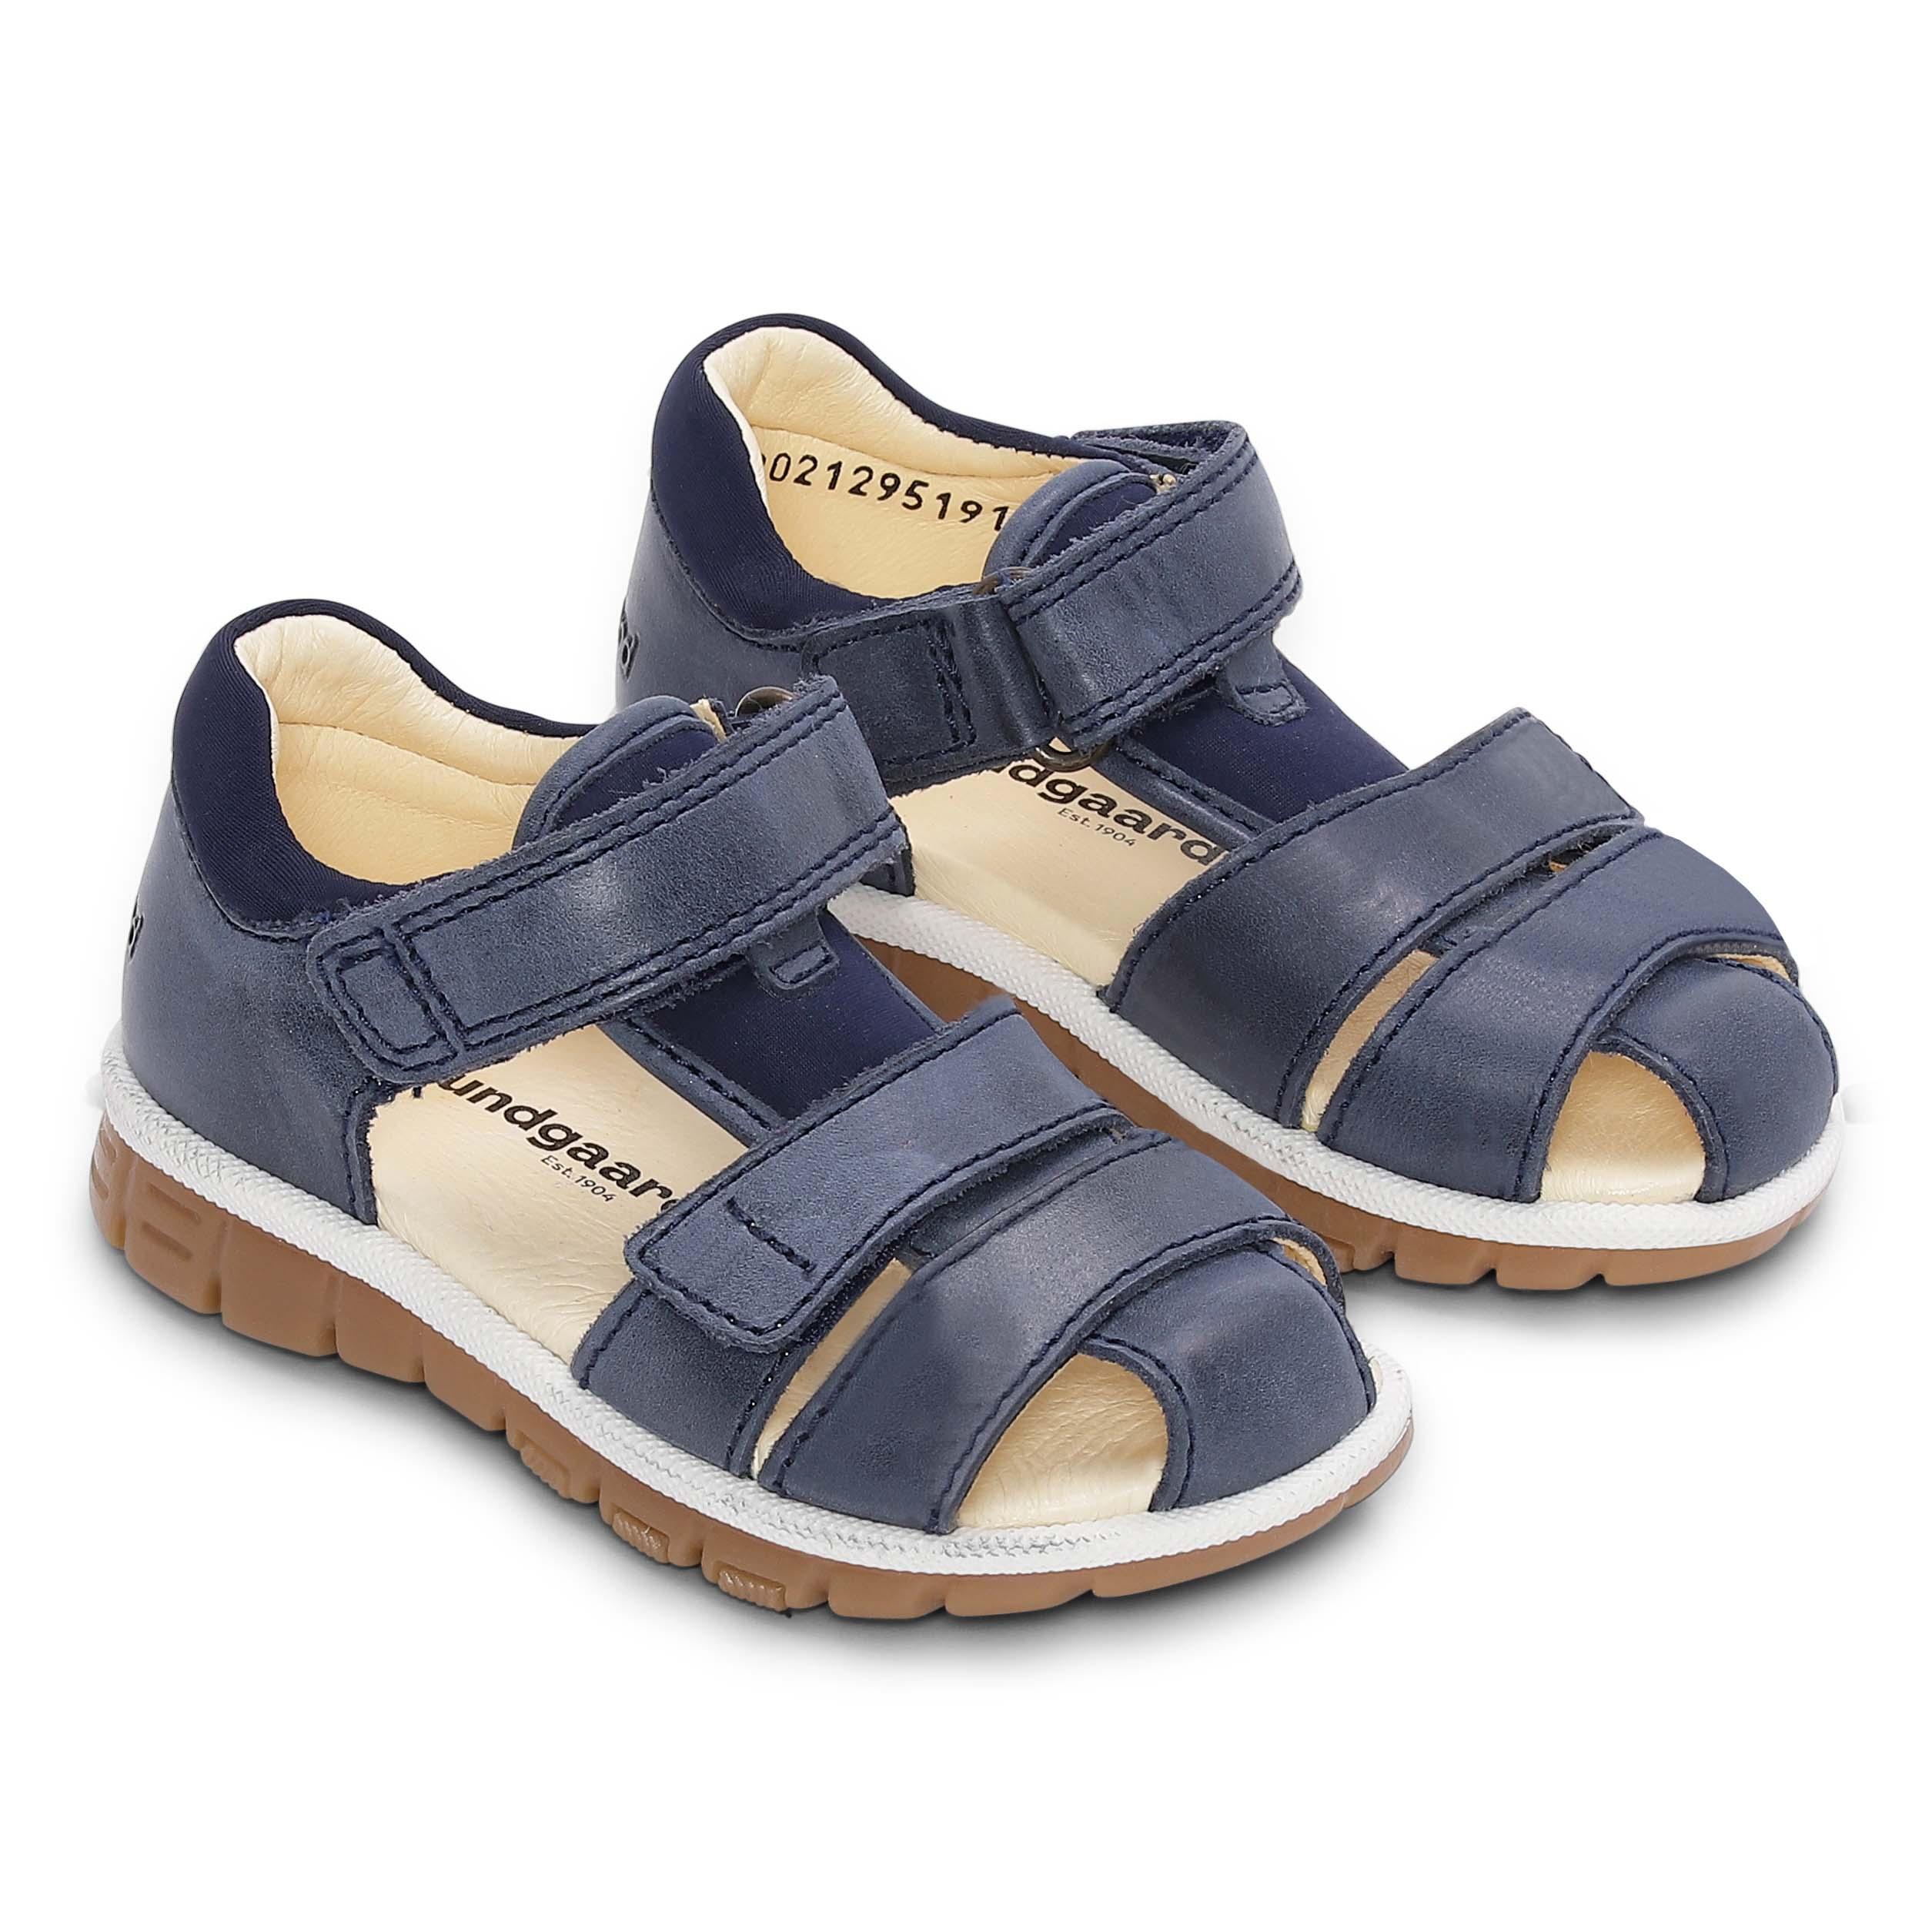 Bundgaard Tristan sandal